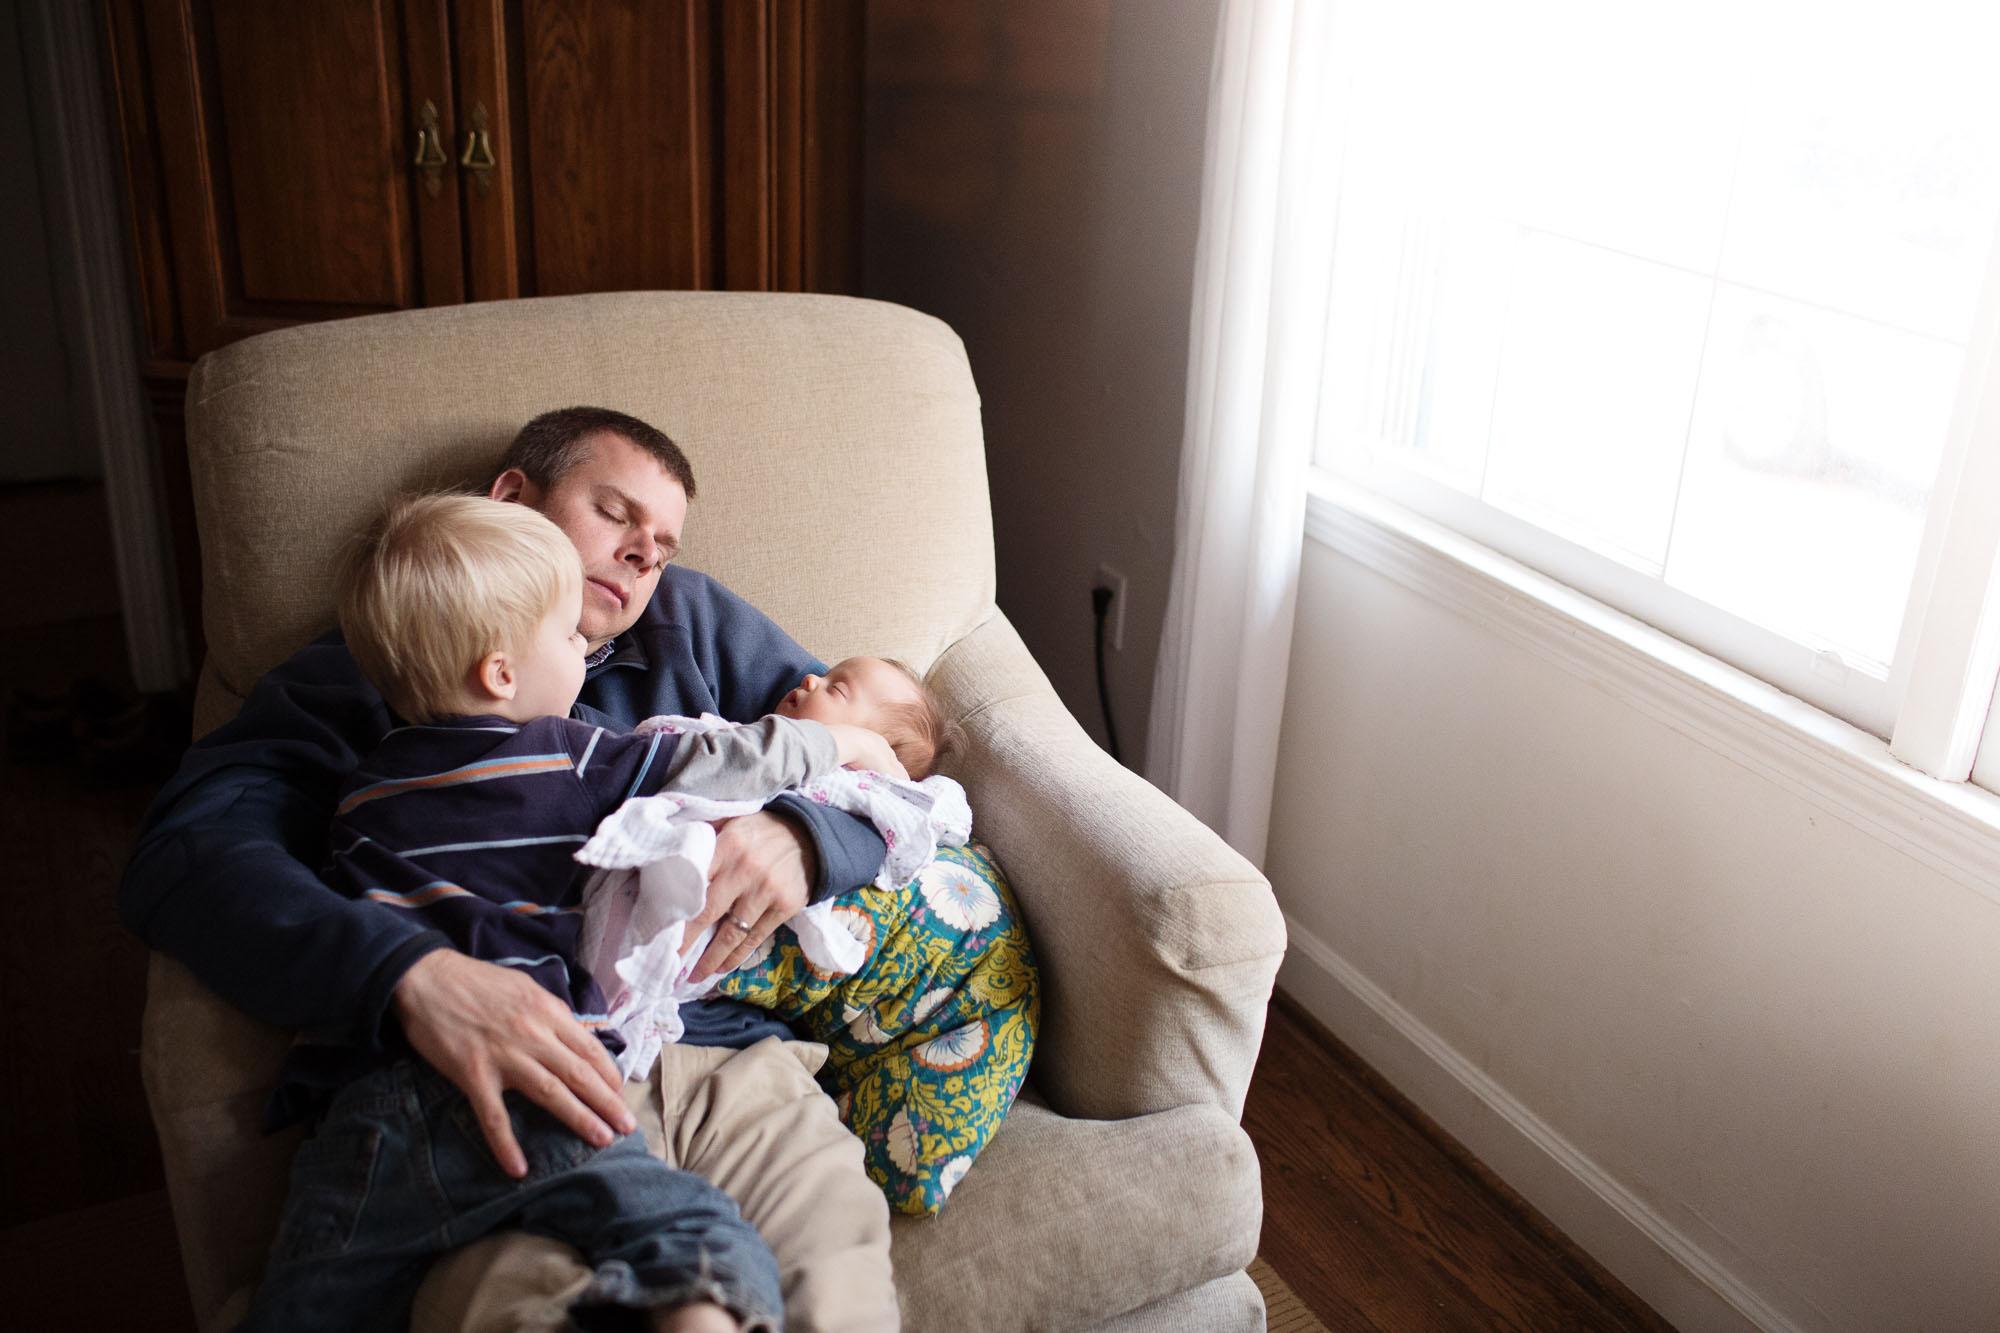 greenville-sc-family-photographer-33.jpg